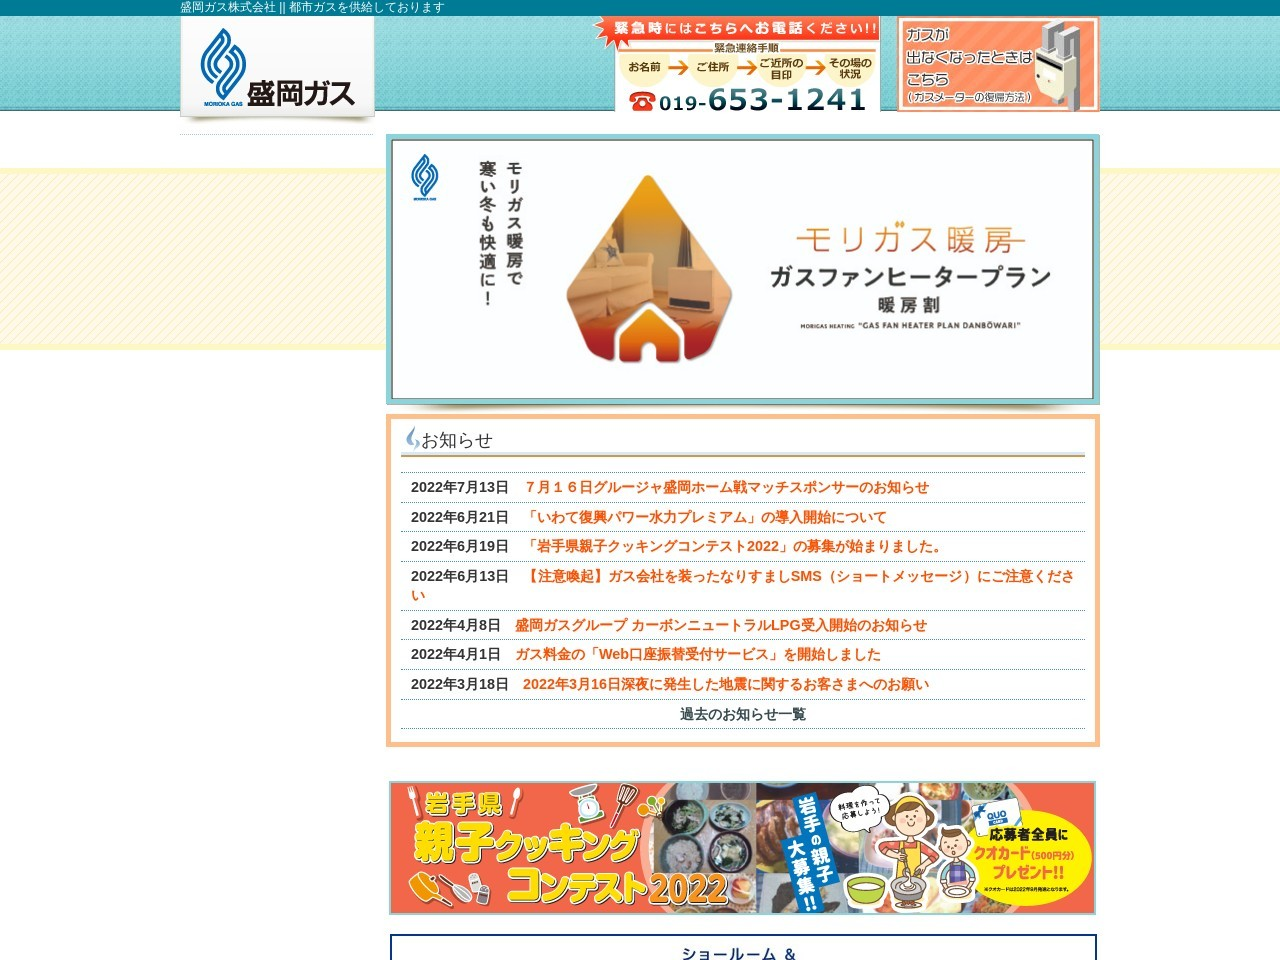 盛岡ガス株式会社